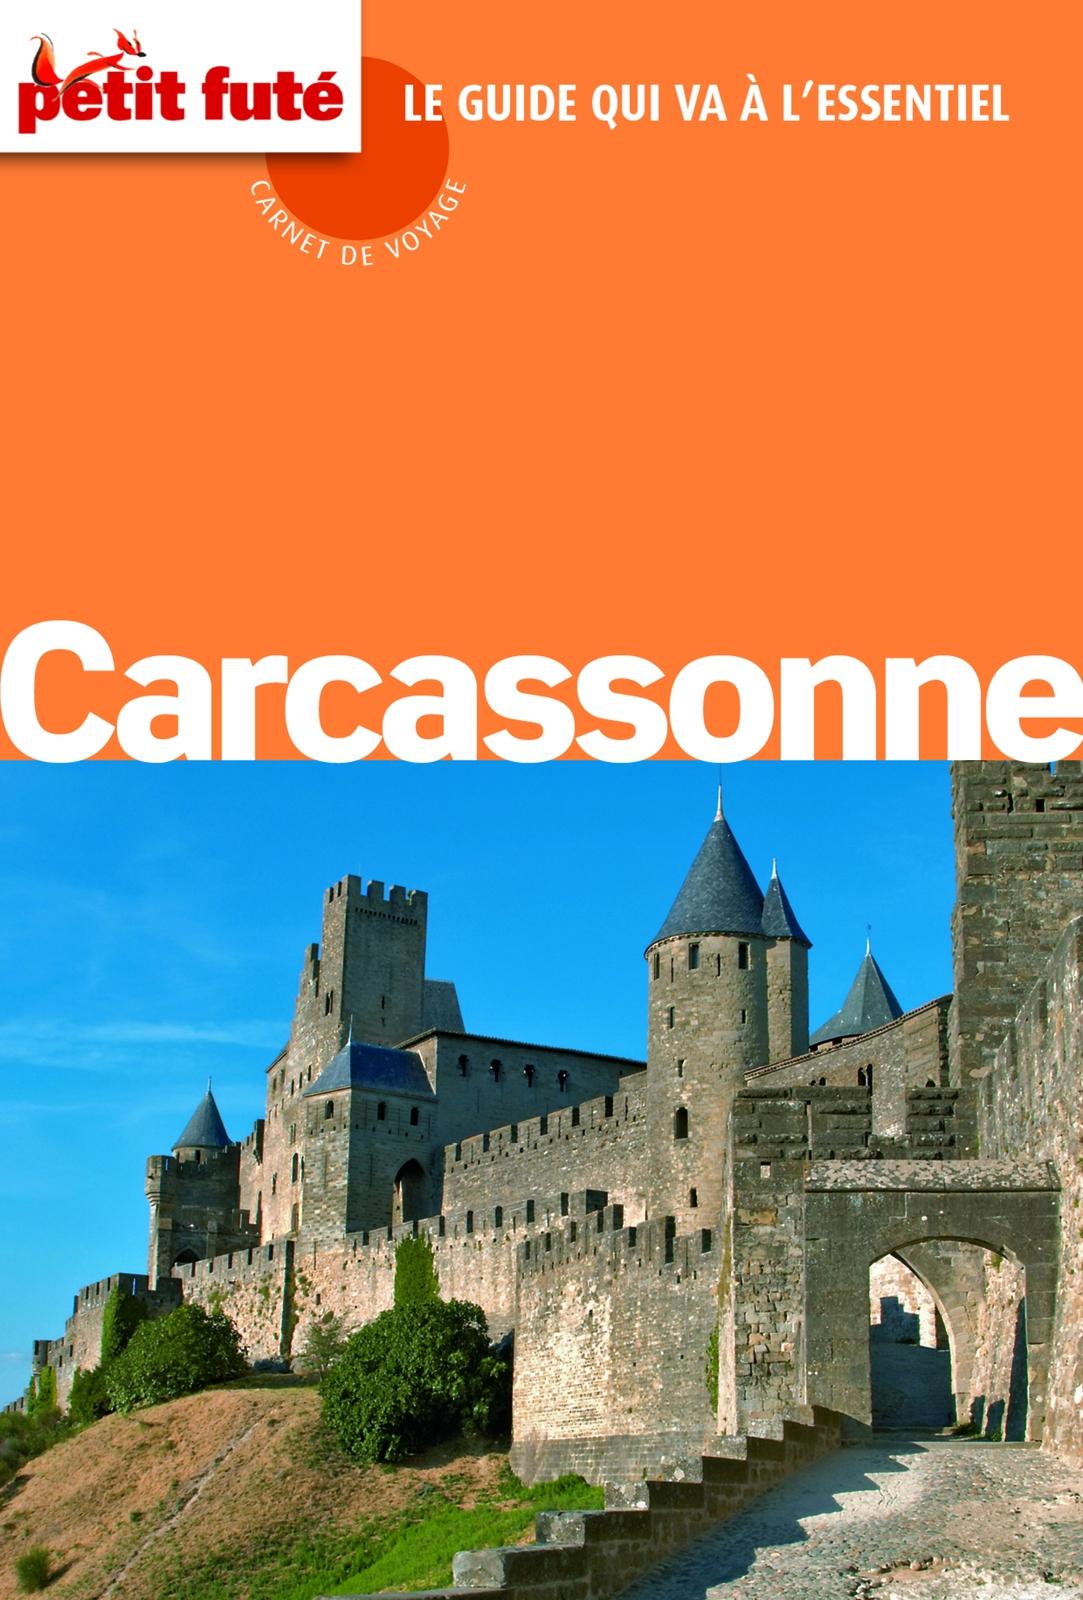 Carcassonne 2012 Carnet Petit Fut?